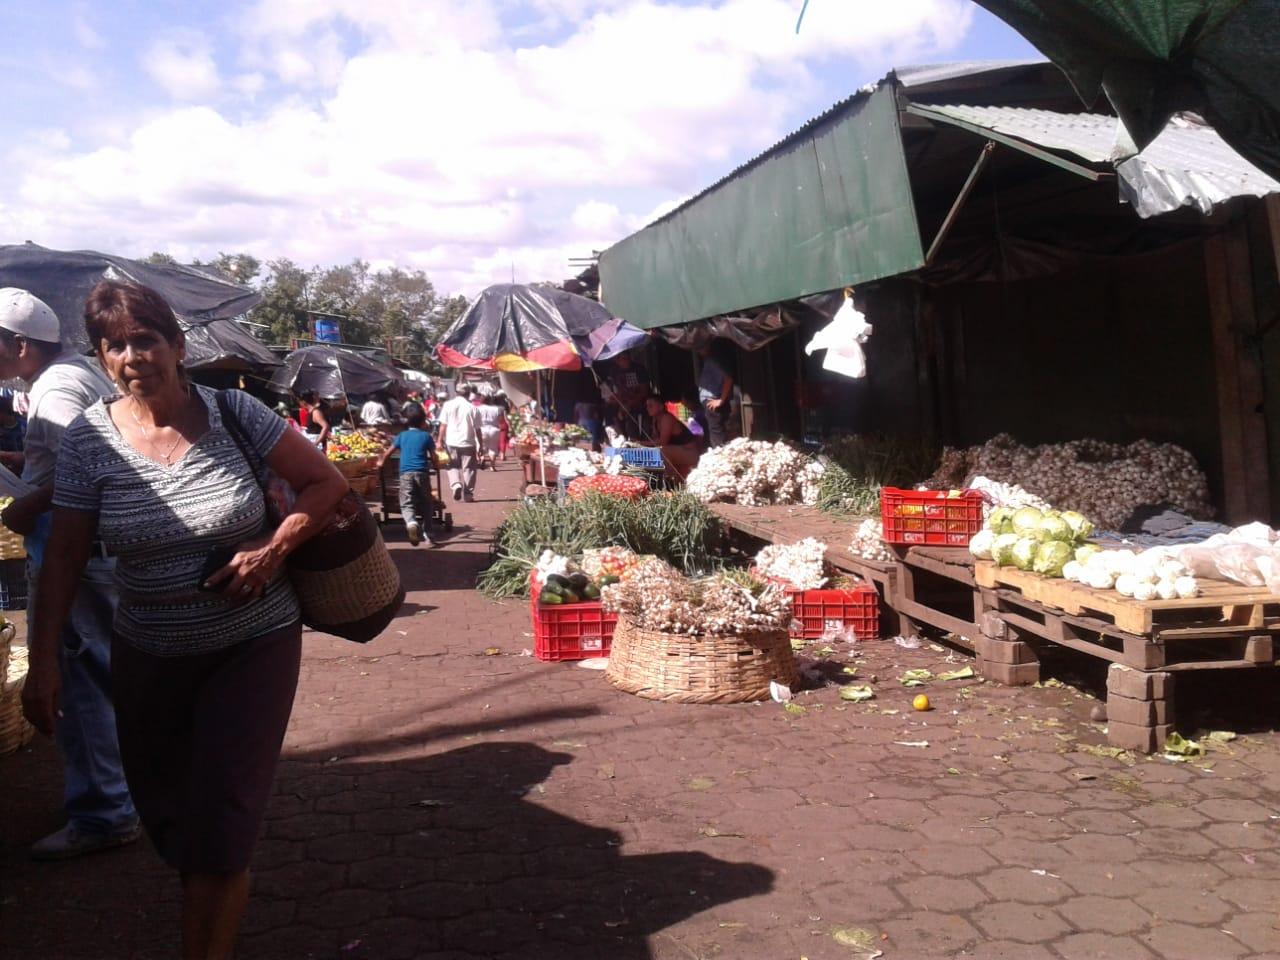 Alimentos más caros en Masaya y los compradores no llegan por falta de dinero. Foto: N. Miranda / Artículo 66